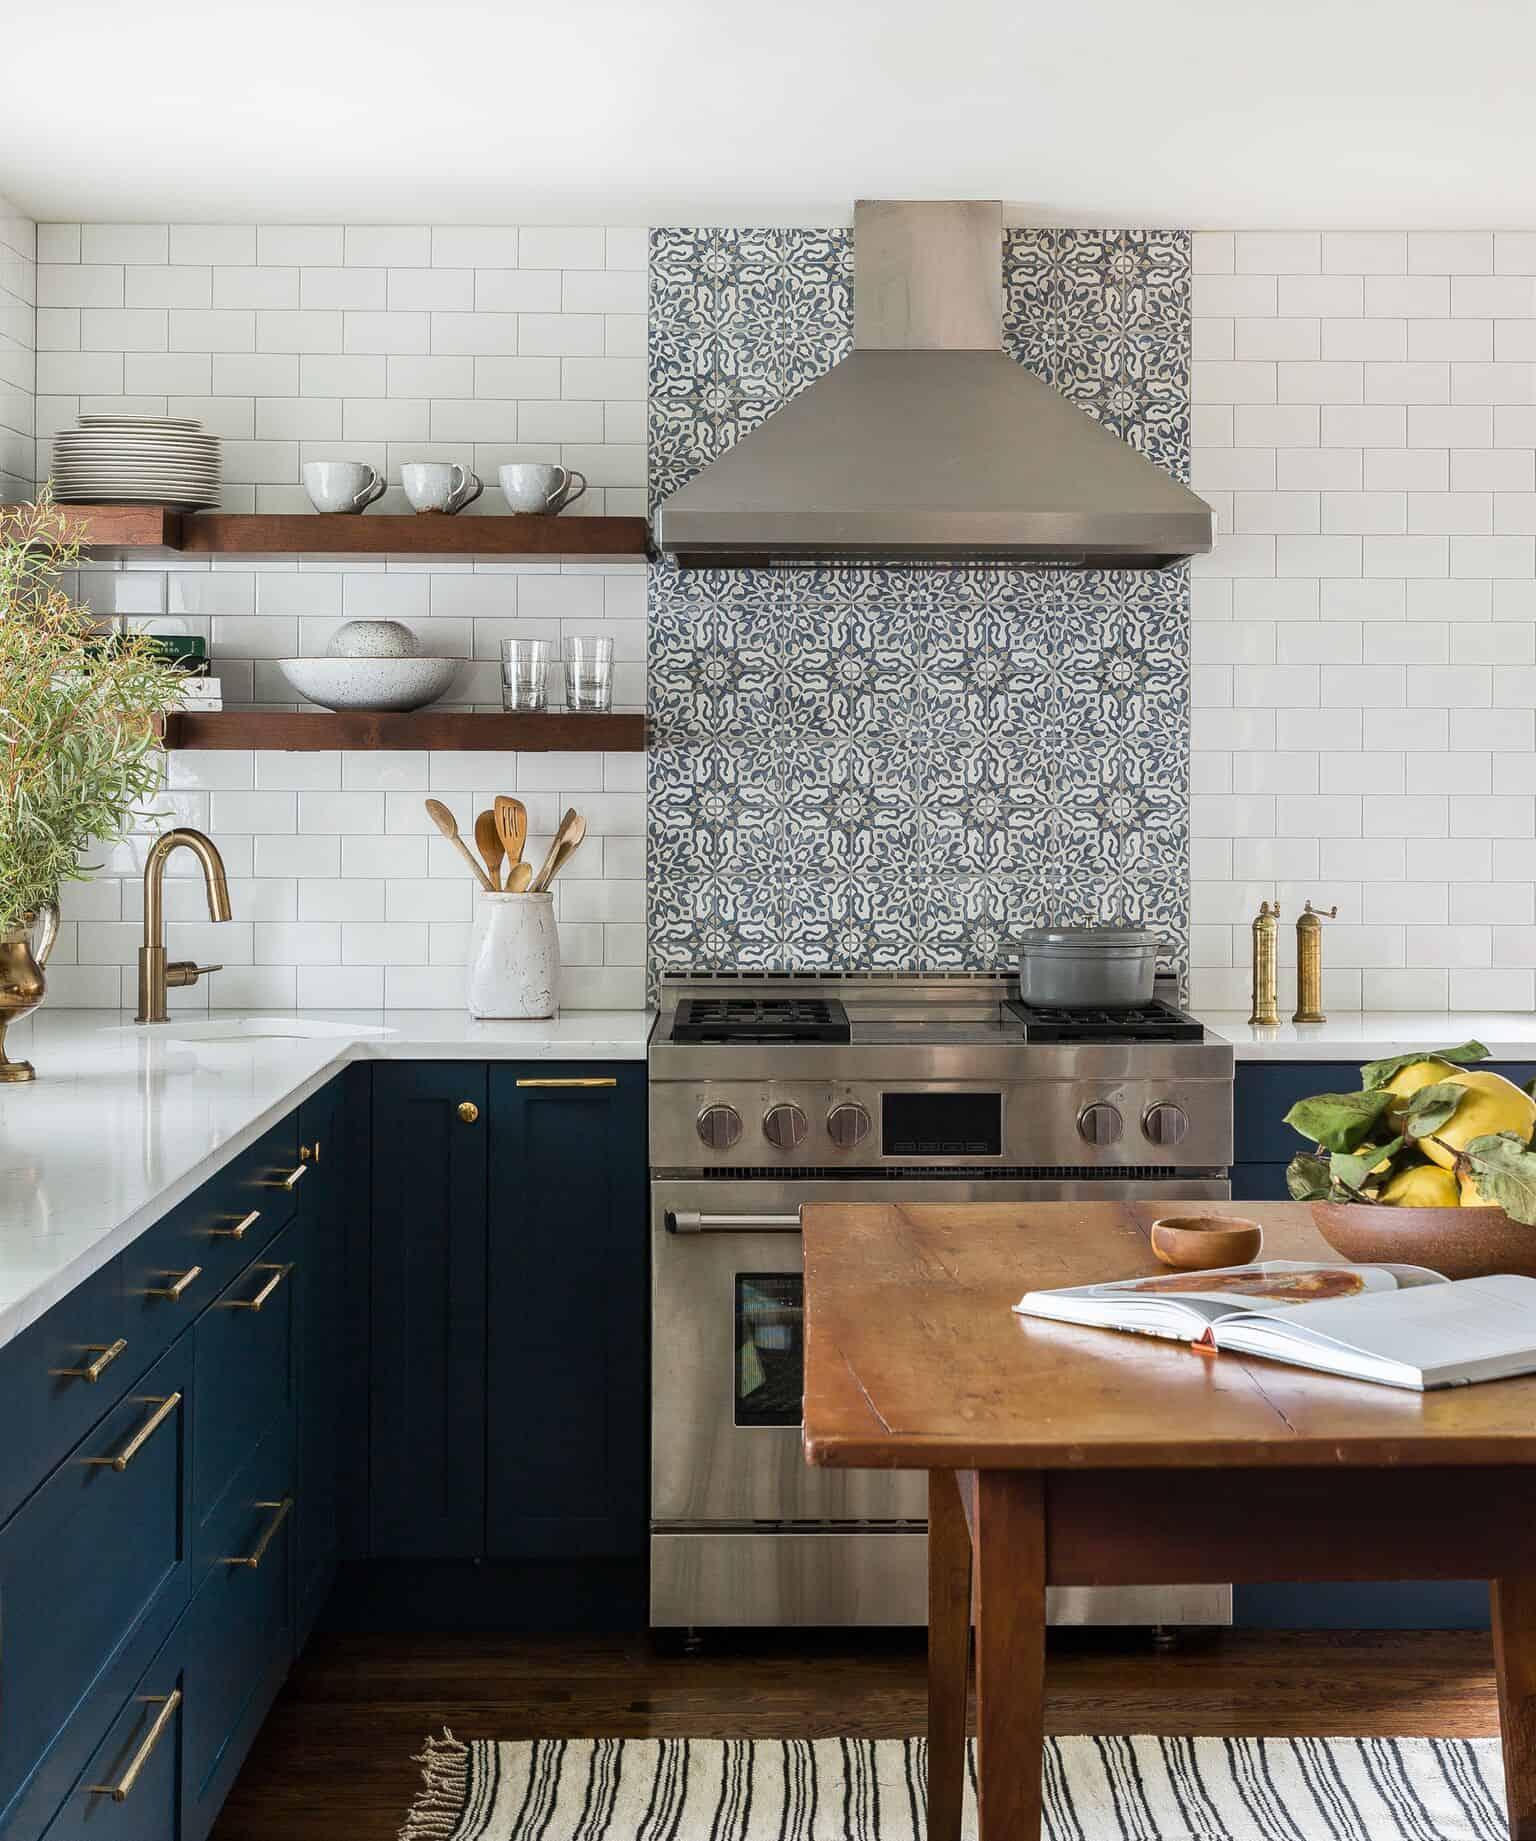 Open Kitchen Cabinet Designs: Heidi-Caillier-Design-Seattle-interior-designer-kitchen